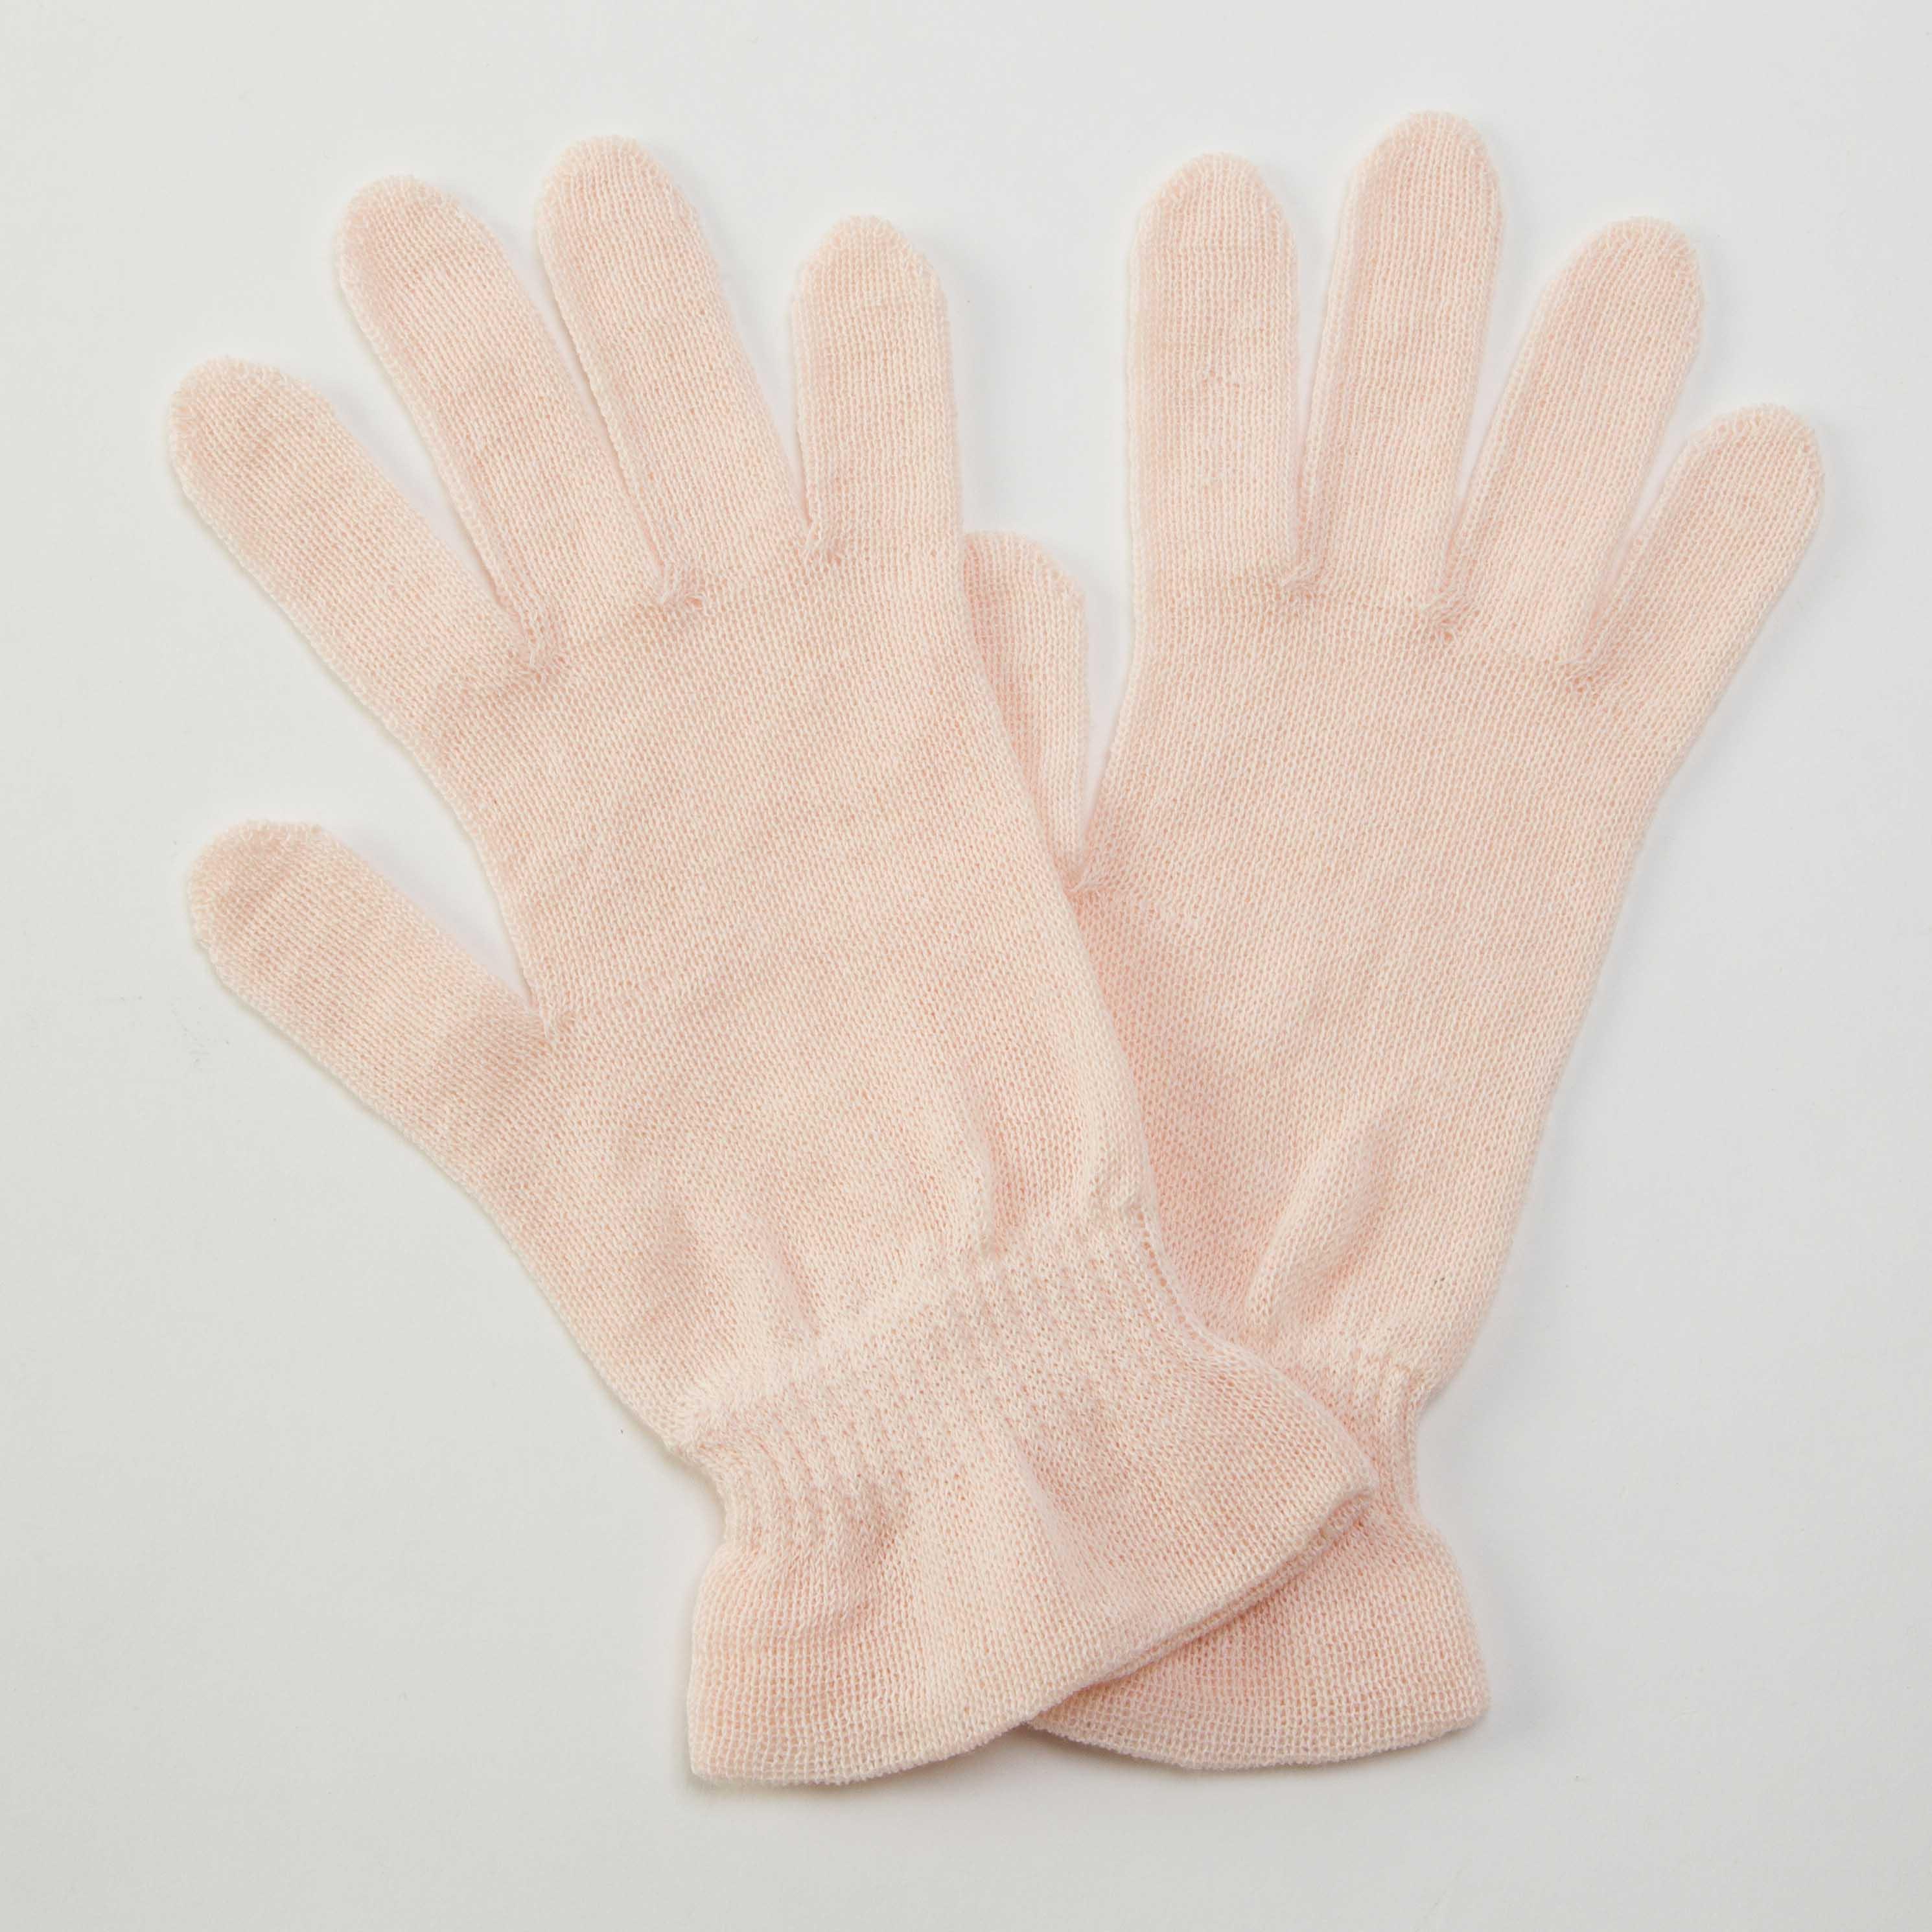 おやすみ手袋 ナチュラルダイ 茜 ピンク